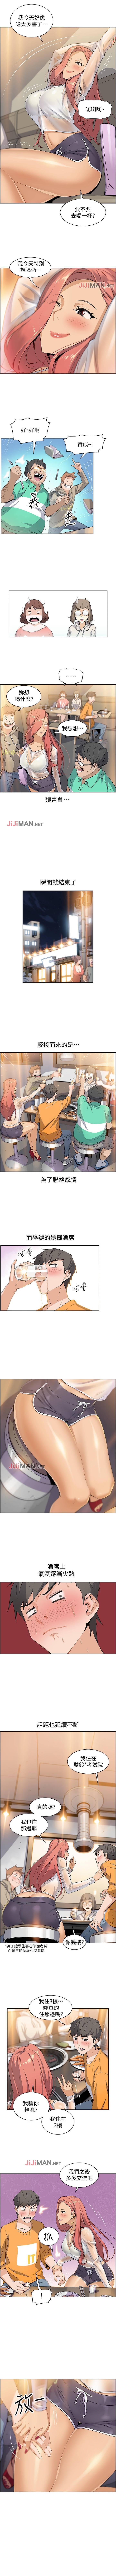 【周四连载】前女友变女佣(作者:PAPER&頸枕) 第1~33话 8